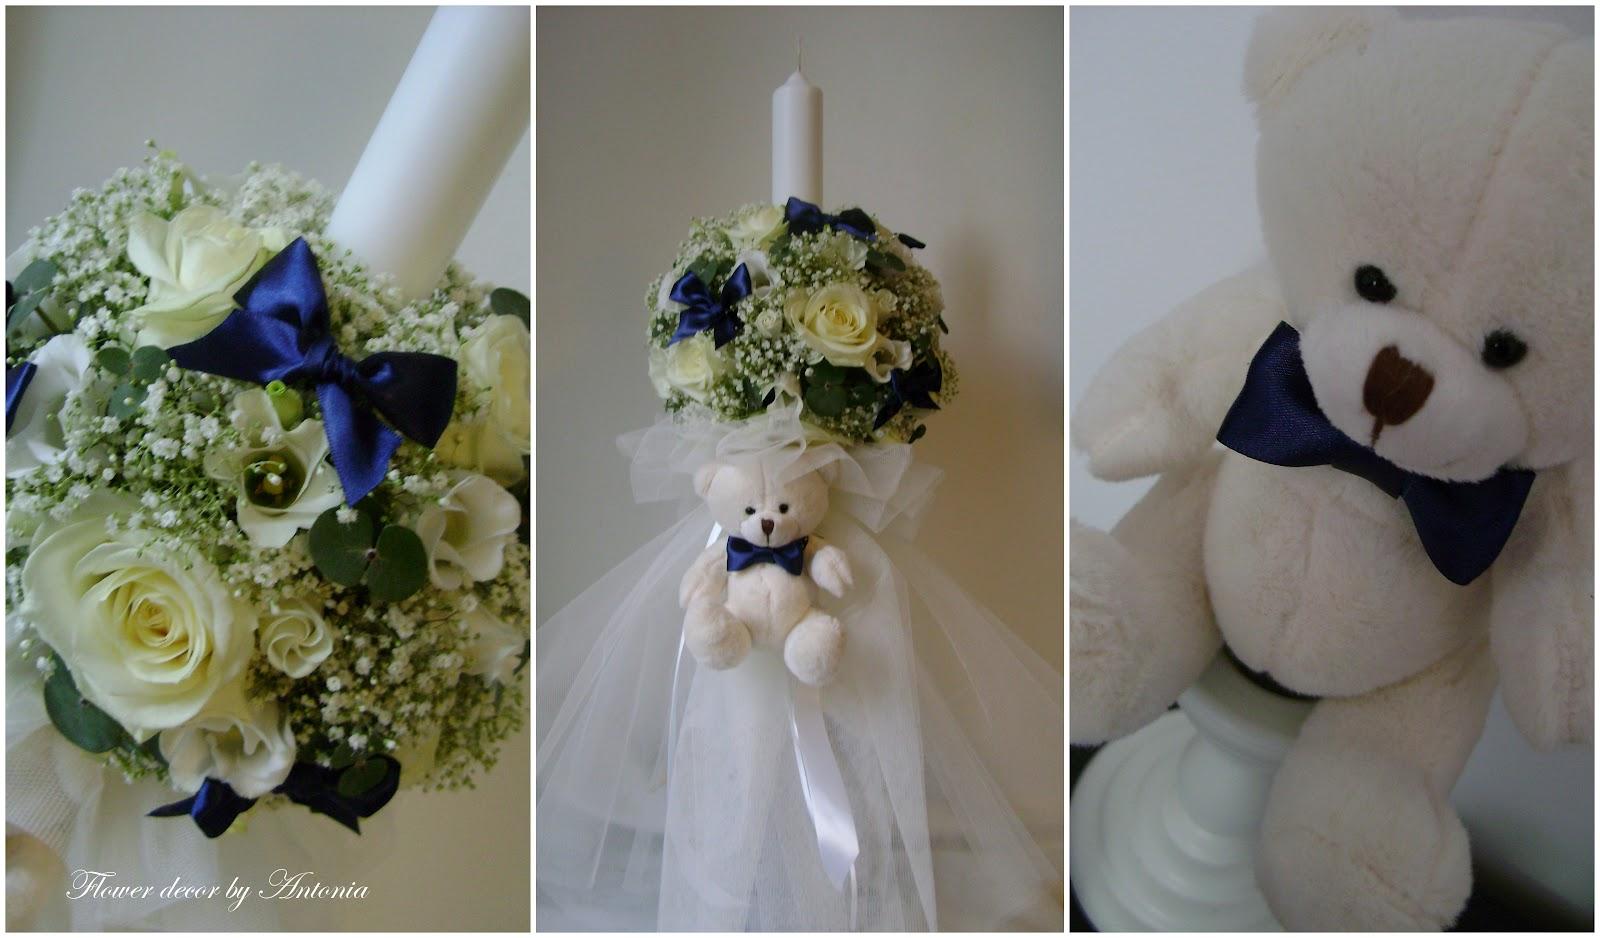 Flower Decor Mini Lumanare Botez Cu Ursulet Alb Si Fundite Bleumarin